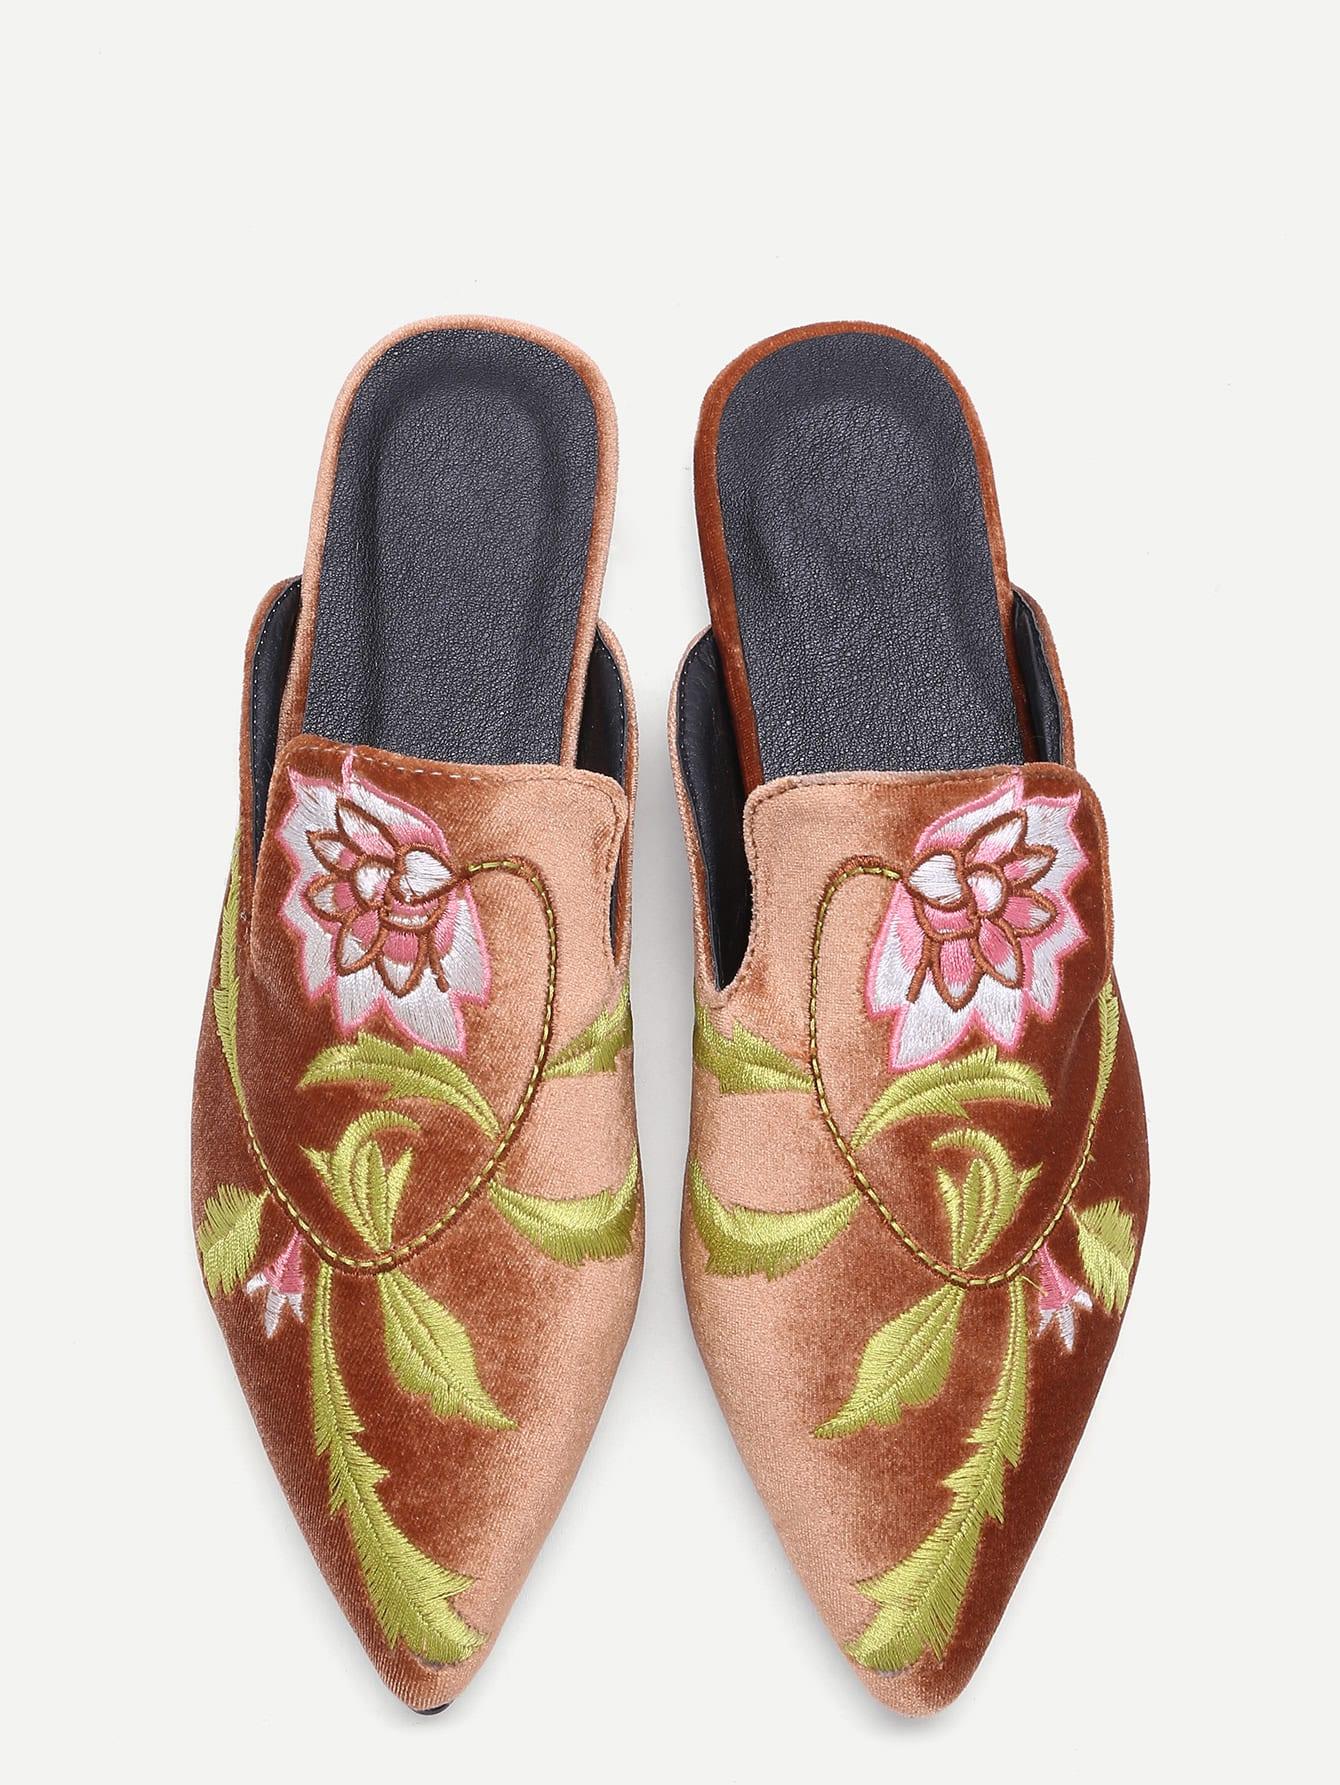 shoes161216806_2